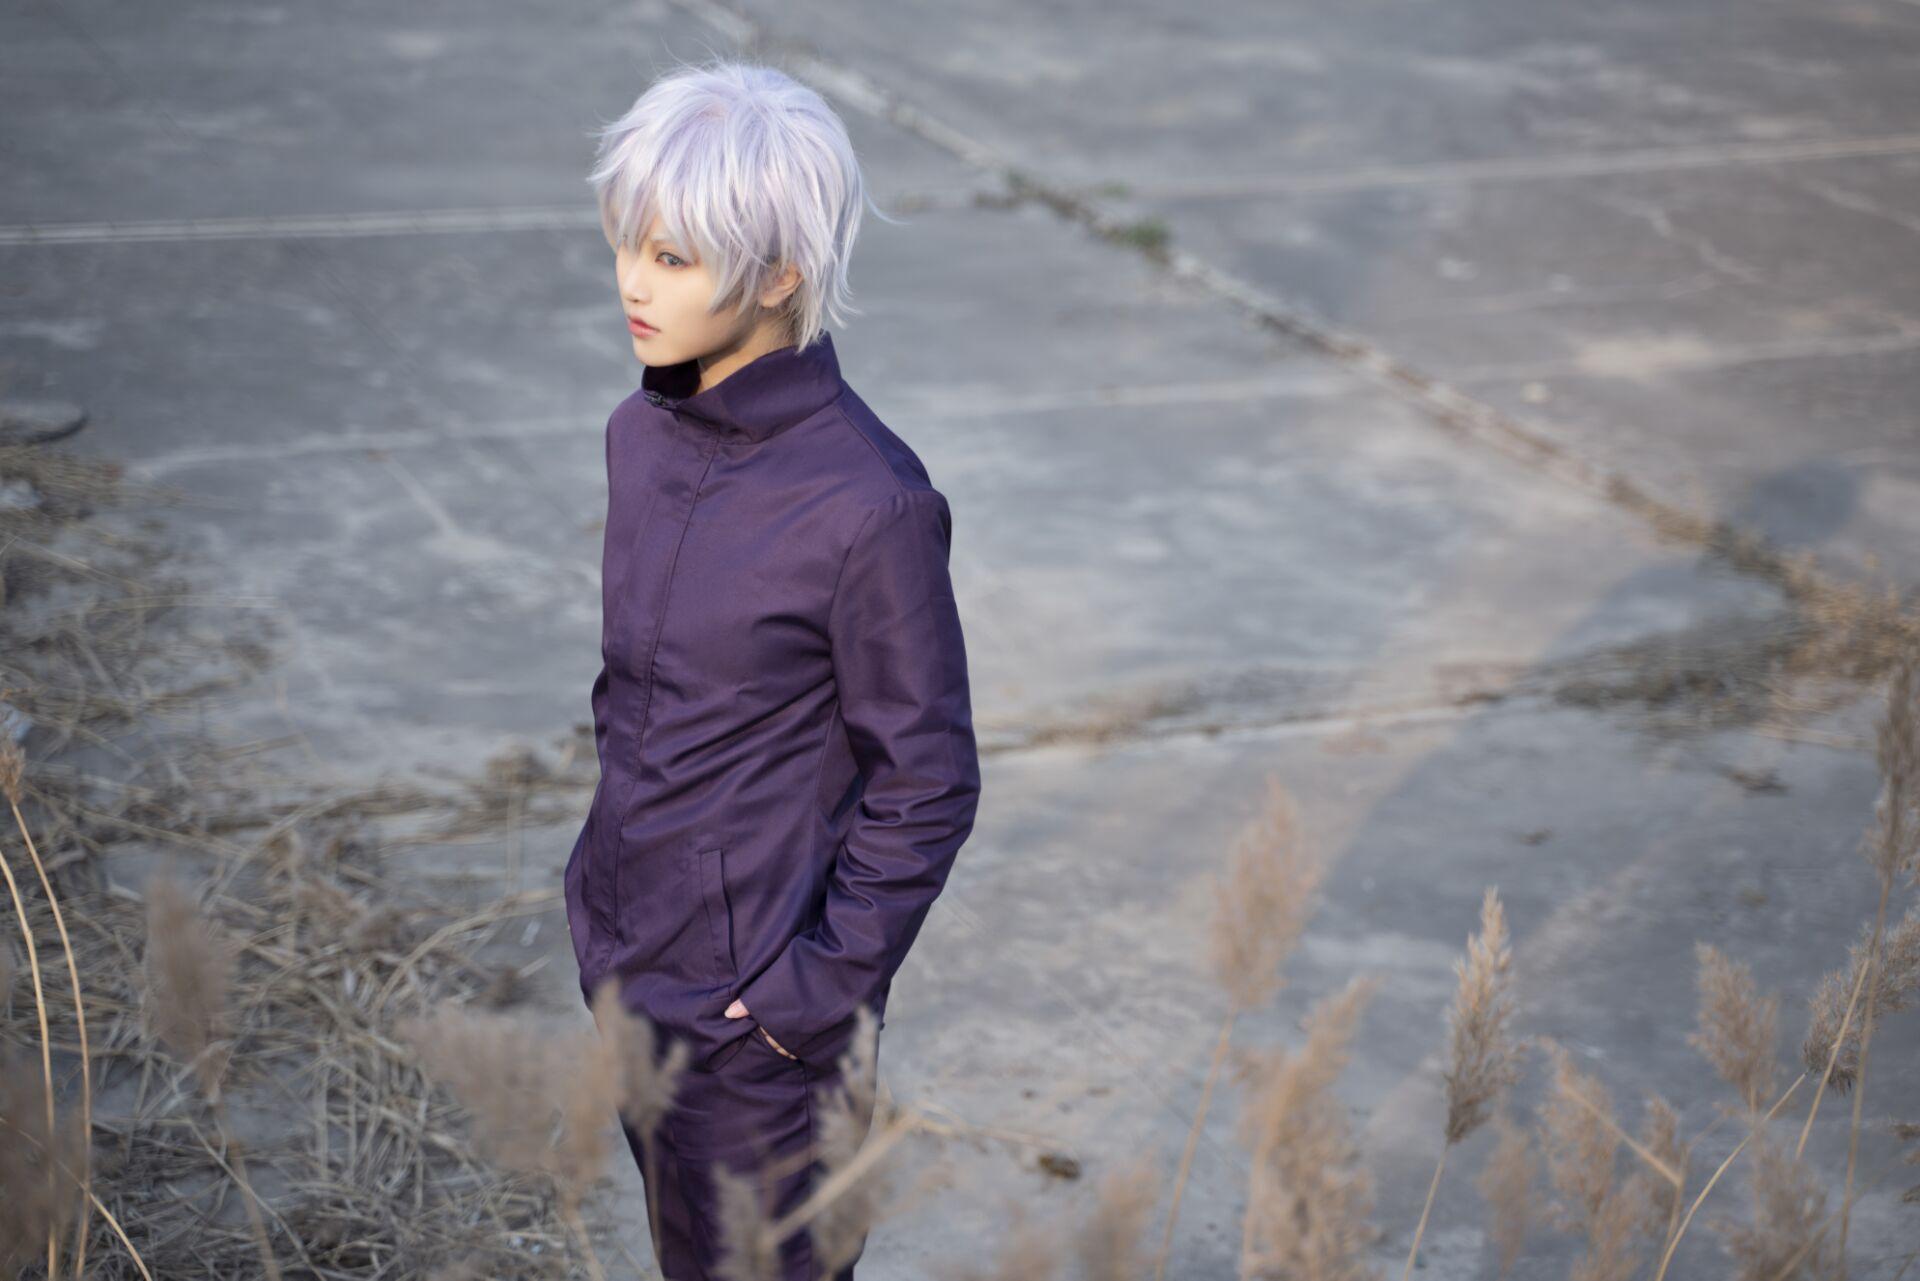 《咒术回战》是伊川啊_cosplay-第2张